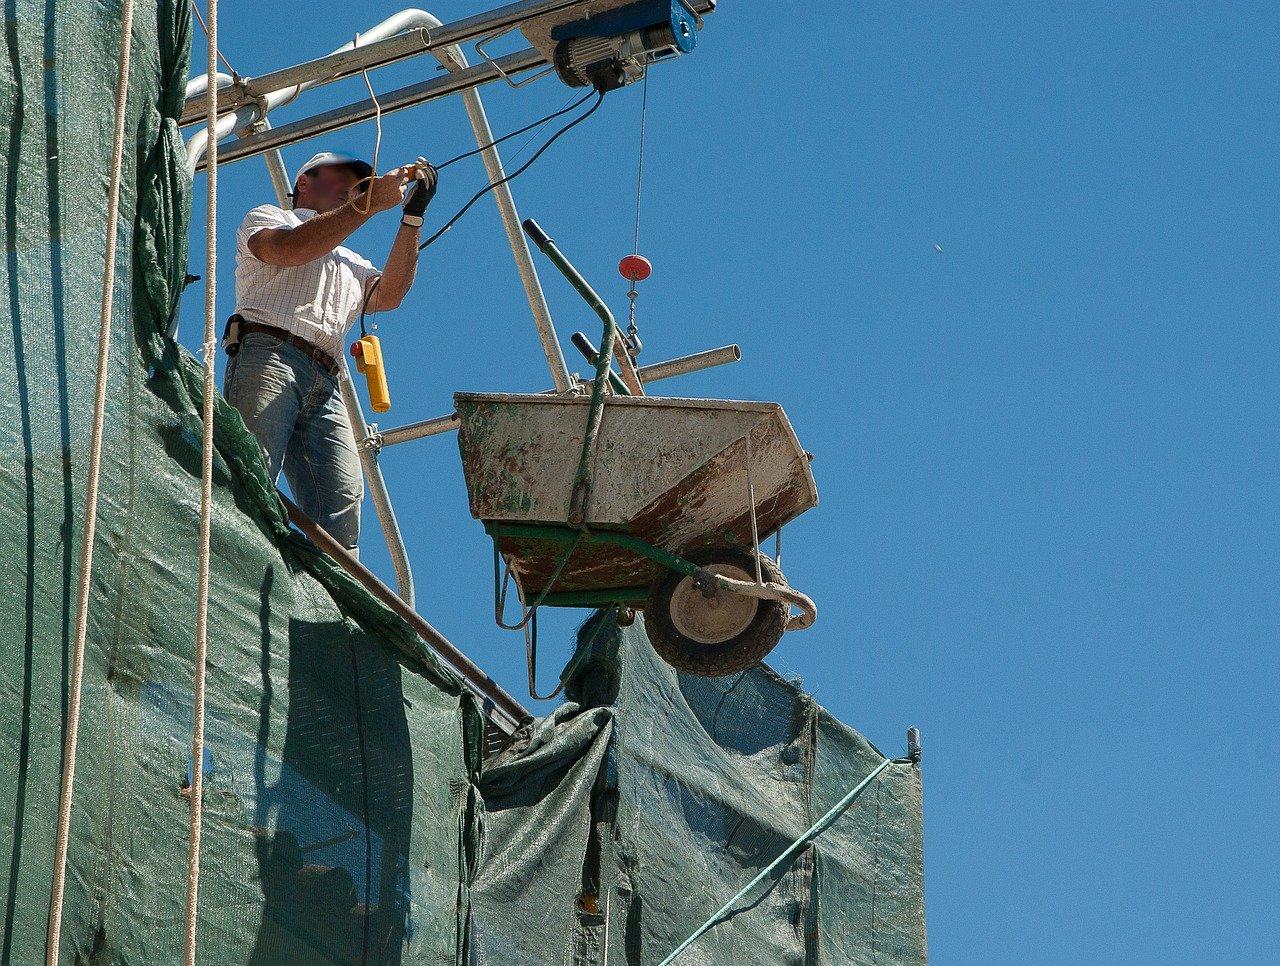 Rénover votre maison dès maintenant en adoptant les bons outils